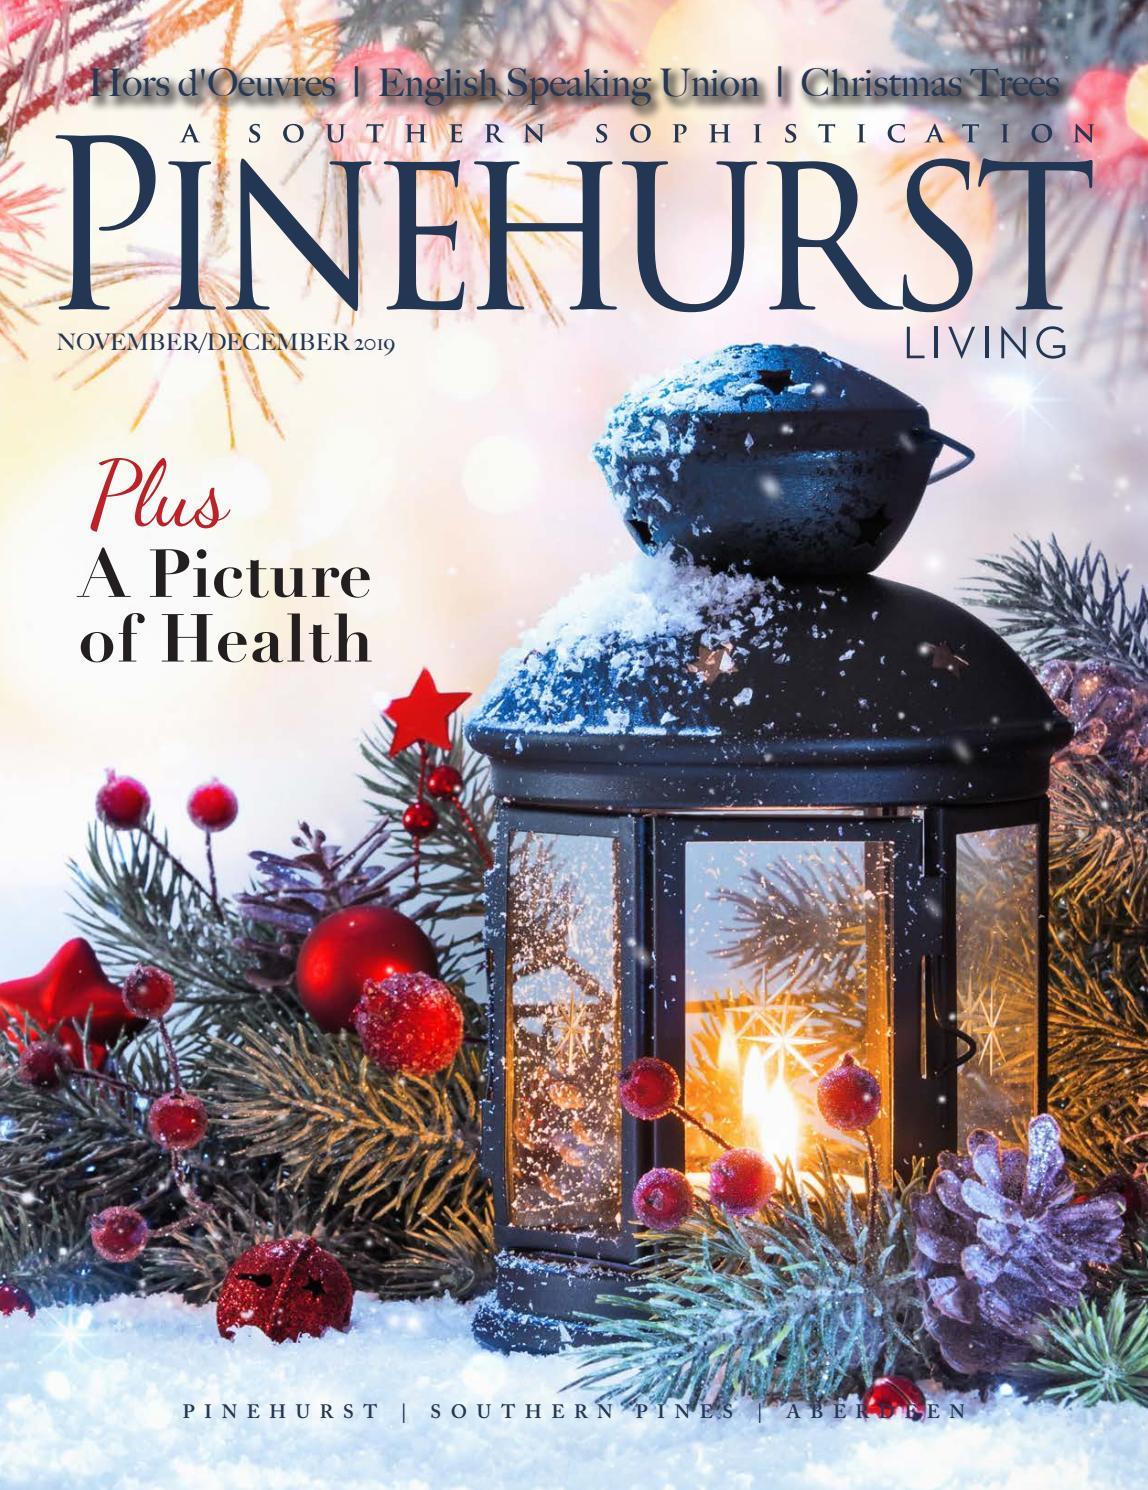 November 20, 2020 Pinehurst Village Christmas Tree Lighting November/December 2019 Pinehurst Living Magazine by Pinehurst